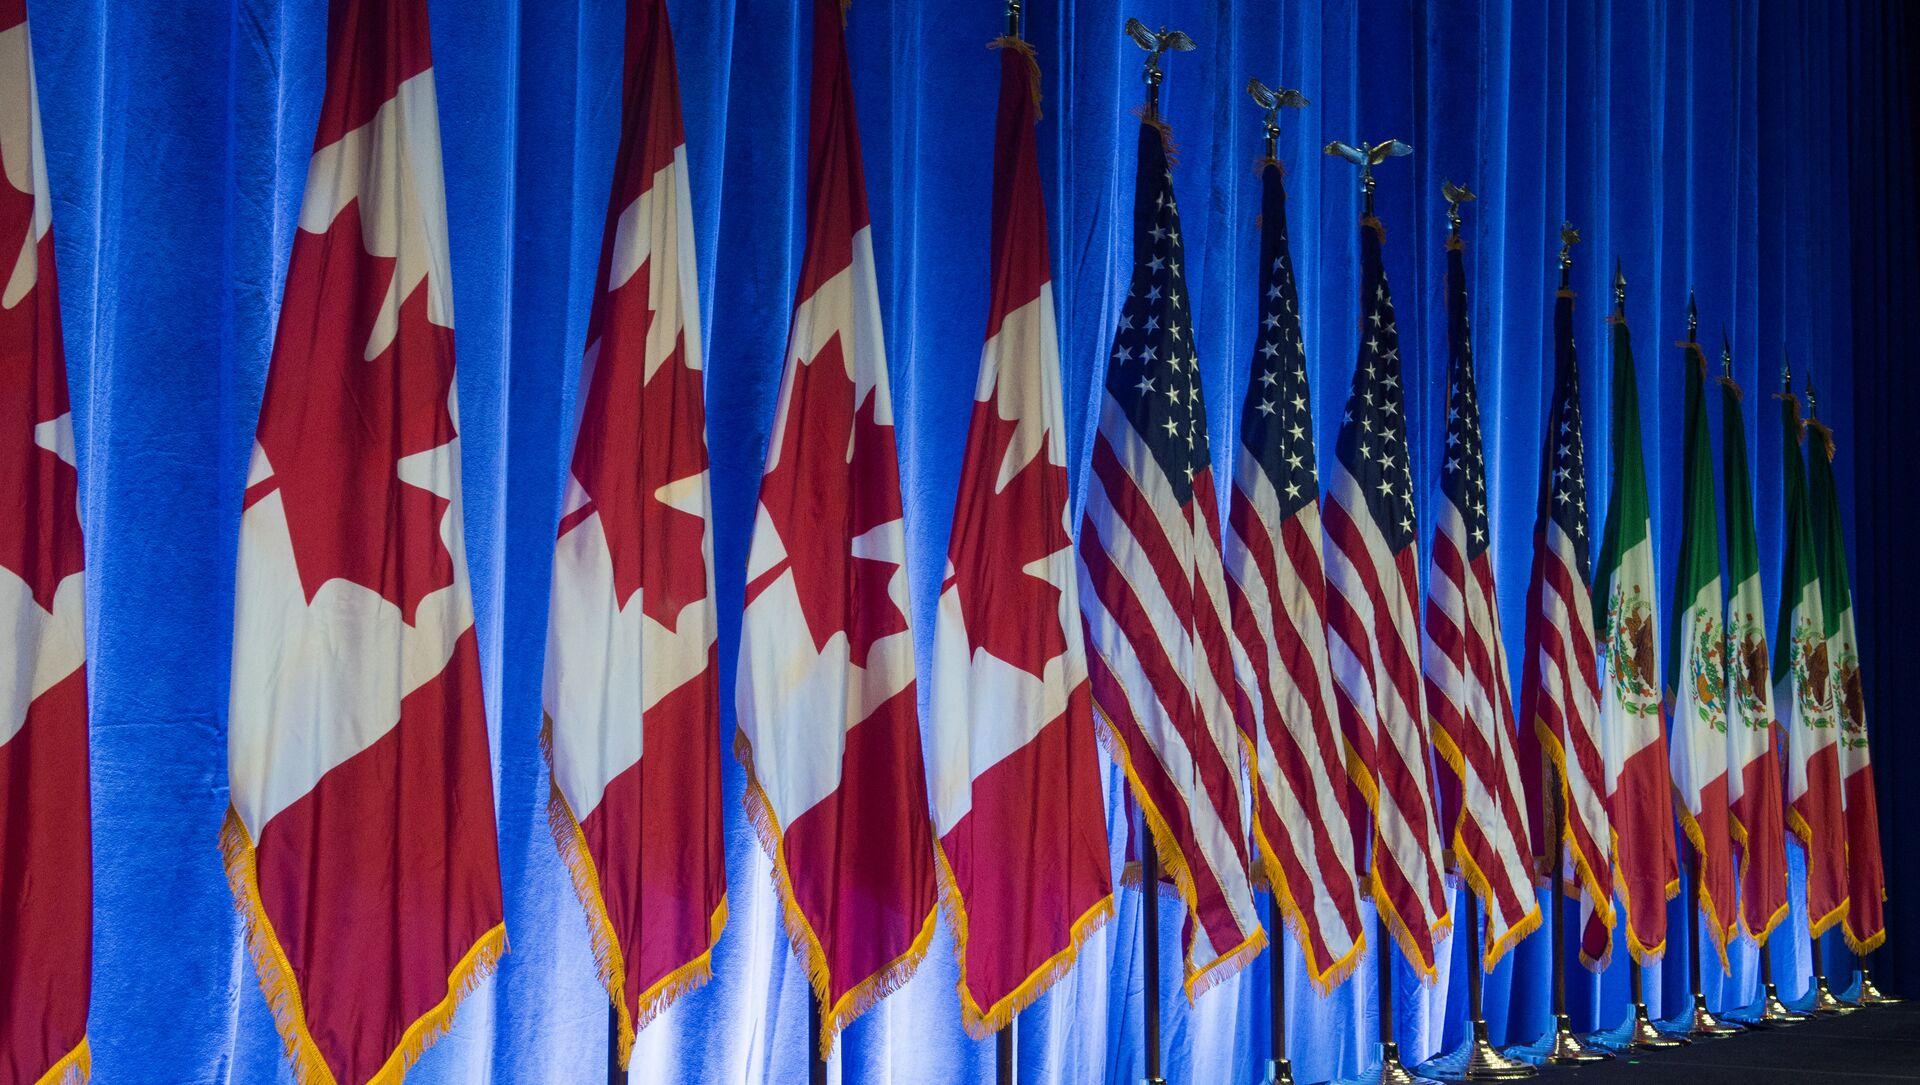 Las banderas de Canadá, EEUU y México - Sputnik Mundo, 1920, 01.07.2020